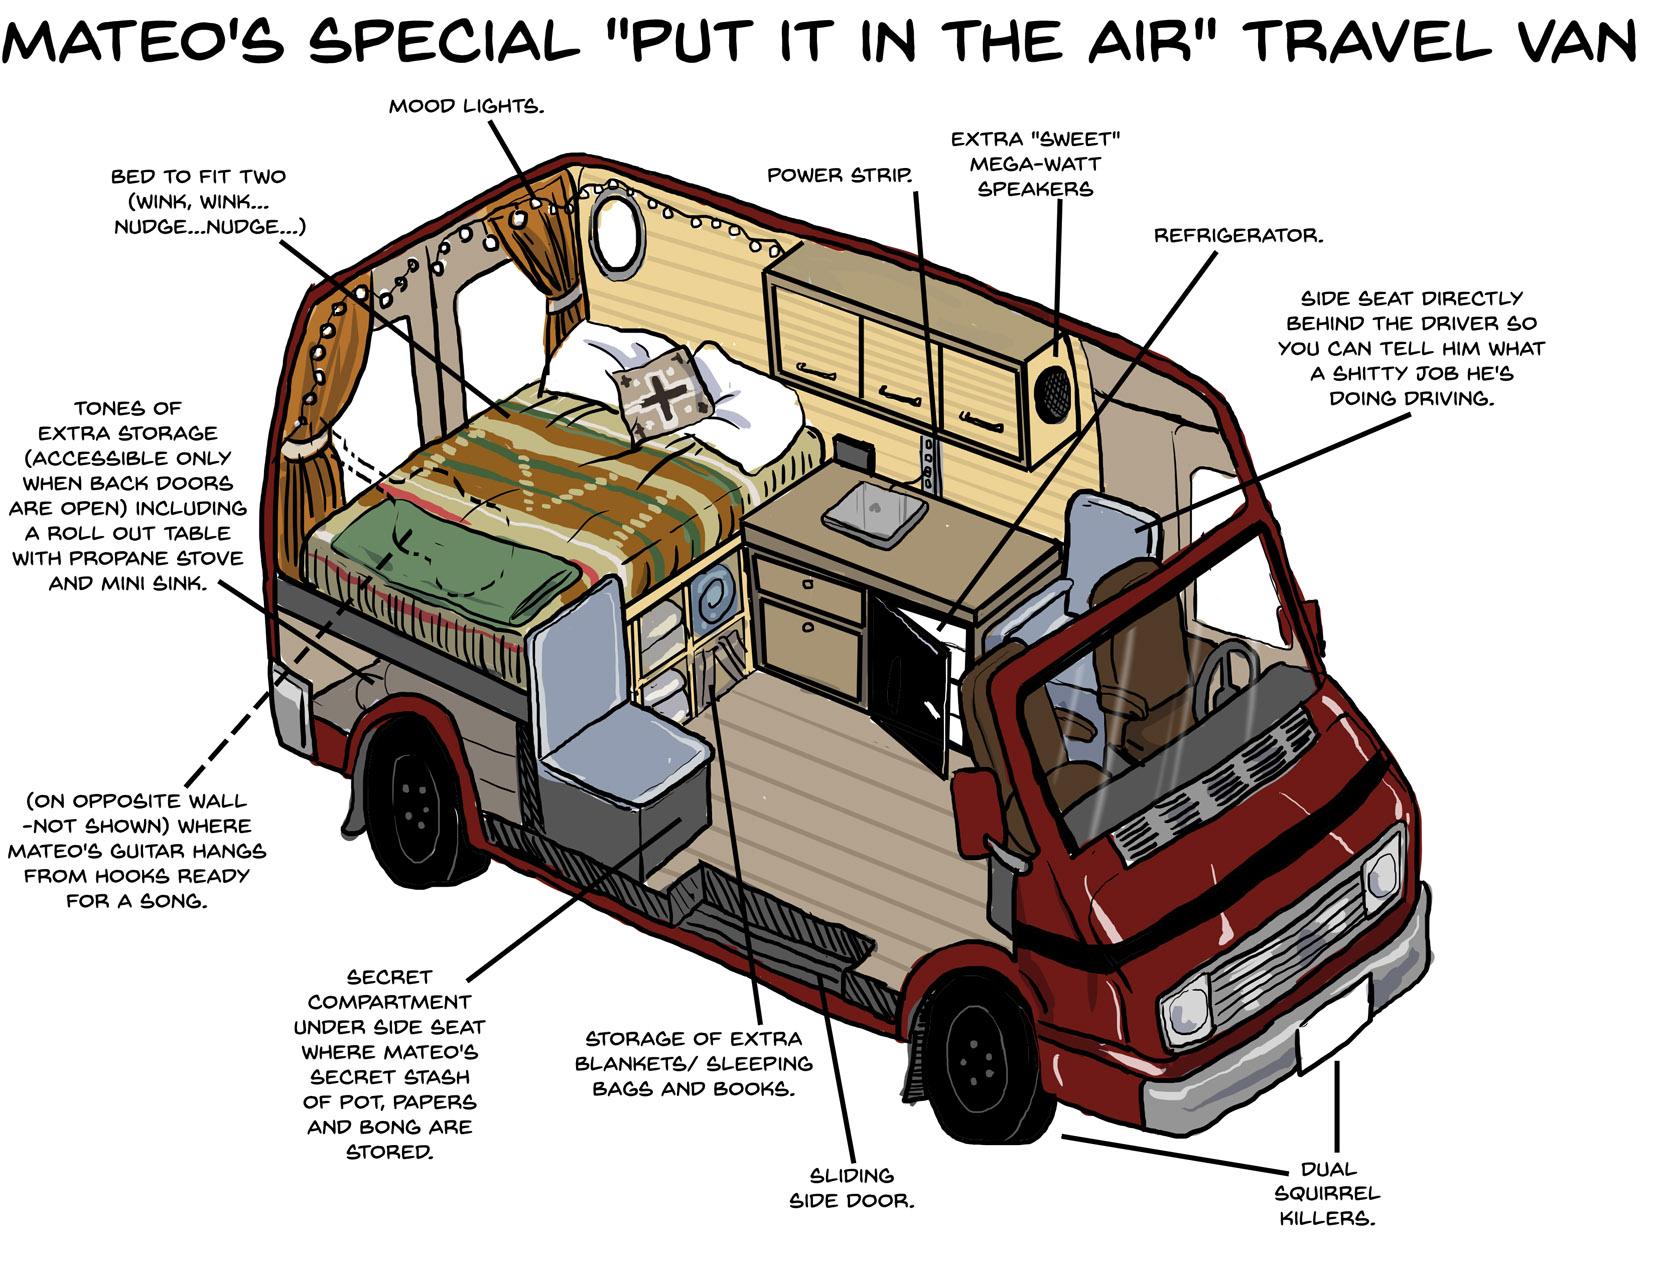 Mateo's Van